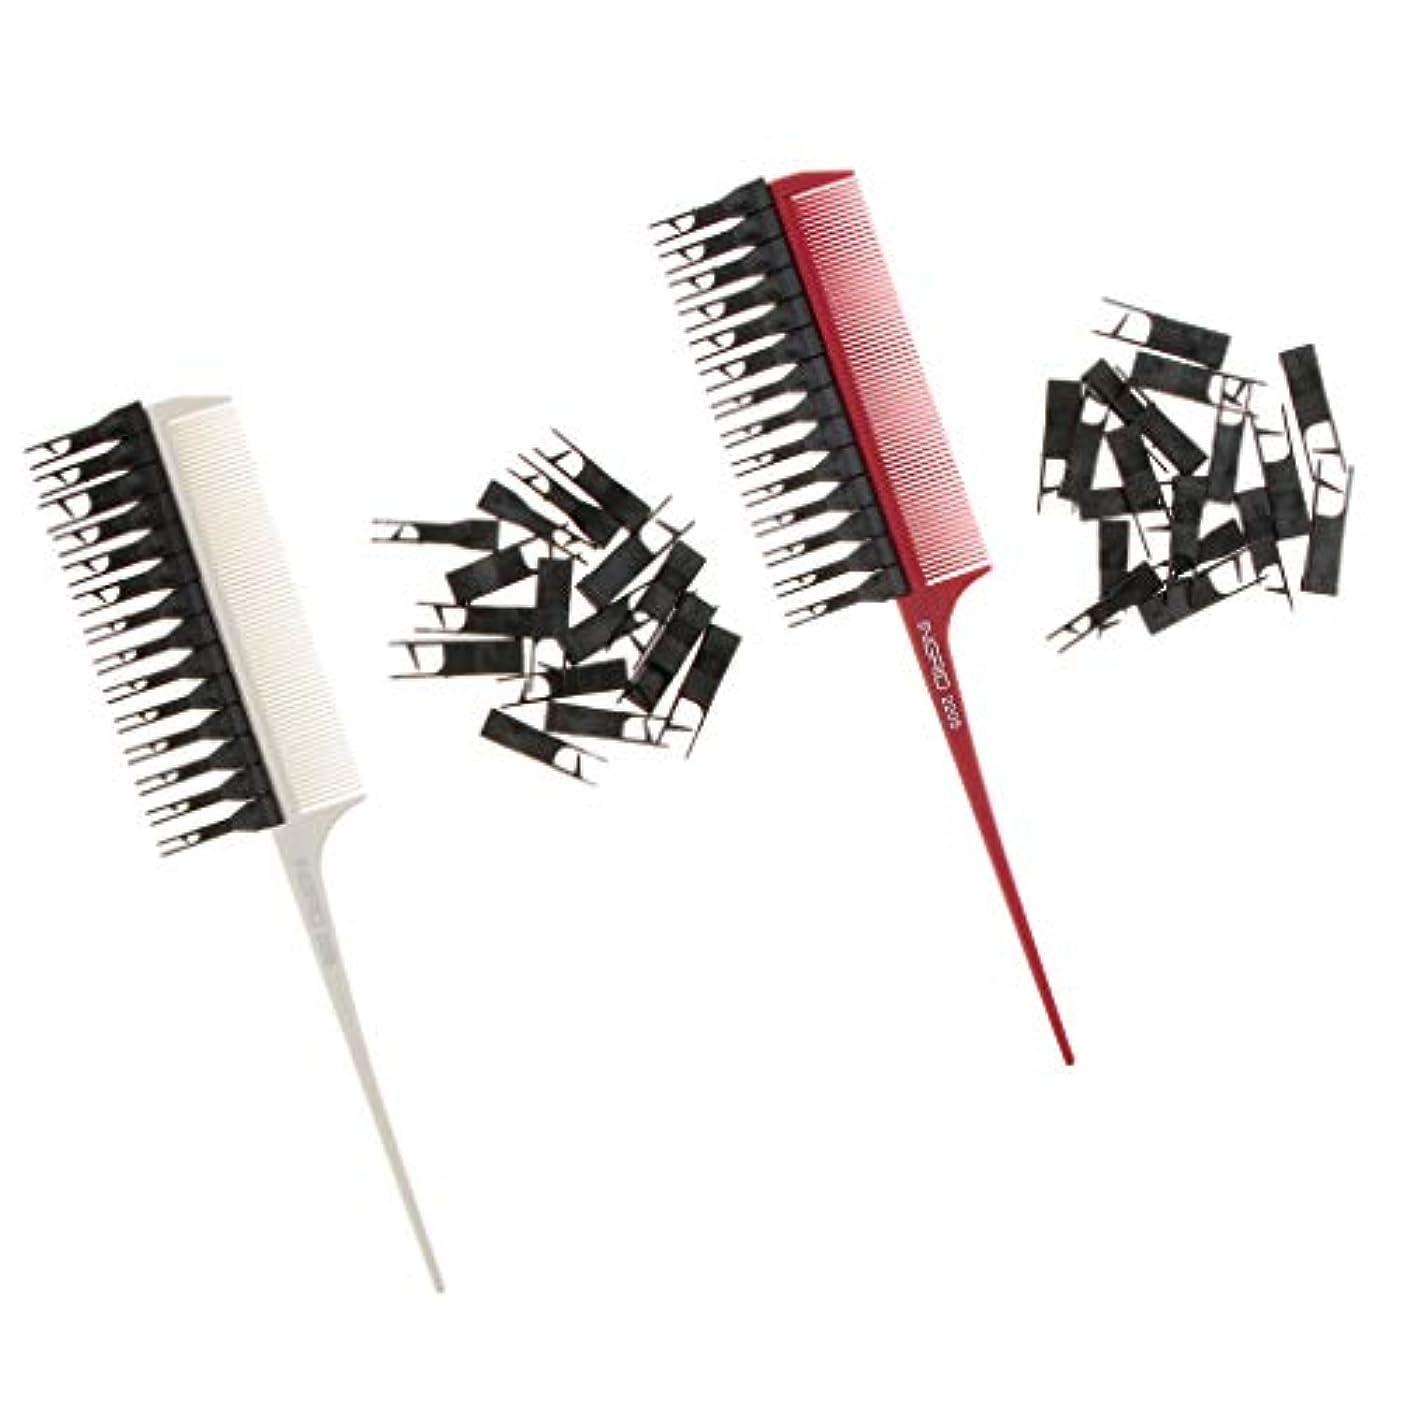 国民投票憂鬱伝統的DYNWAVE 髪染めブラシ 織りハイライト櫛 ハイライト プラスチック 2個セット